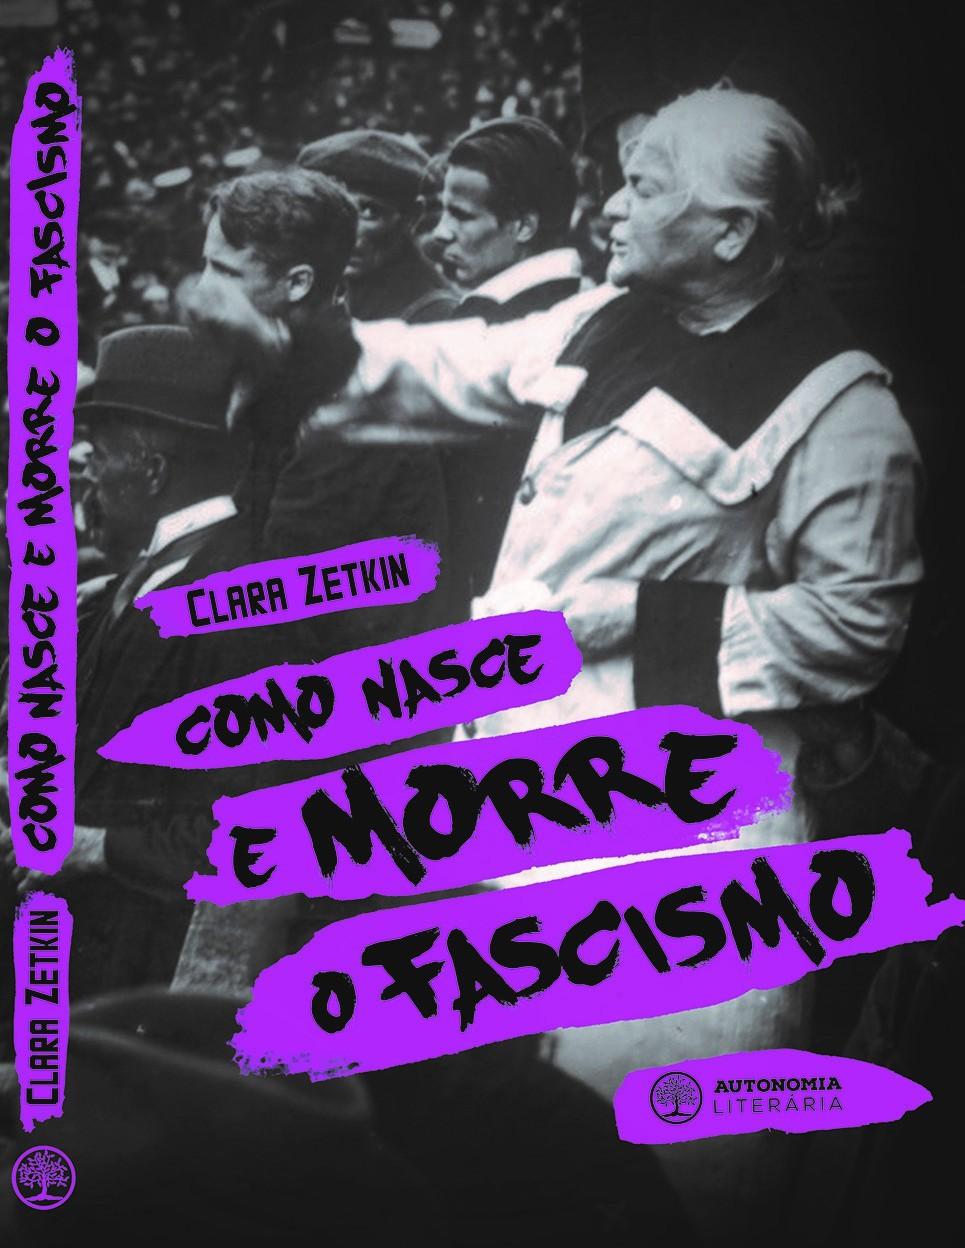 Foto 1 - Como nasce e morre o fascismo - Clara Zetkin